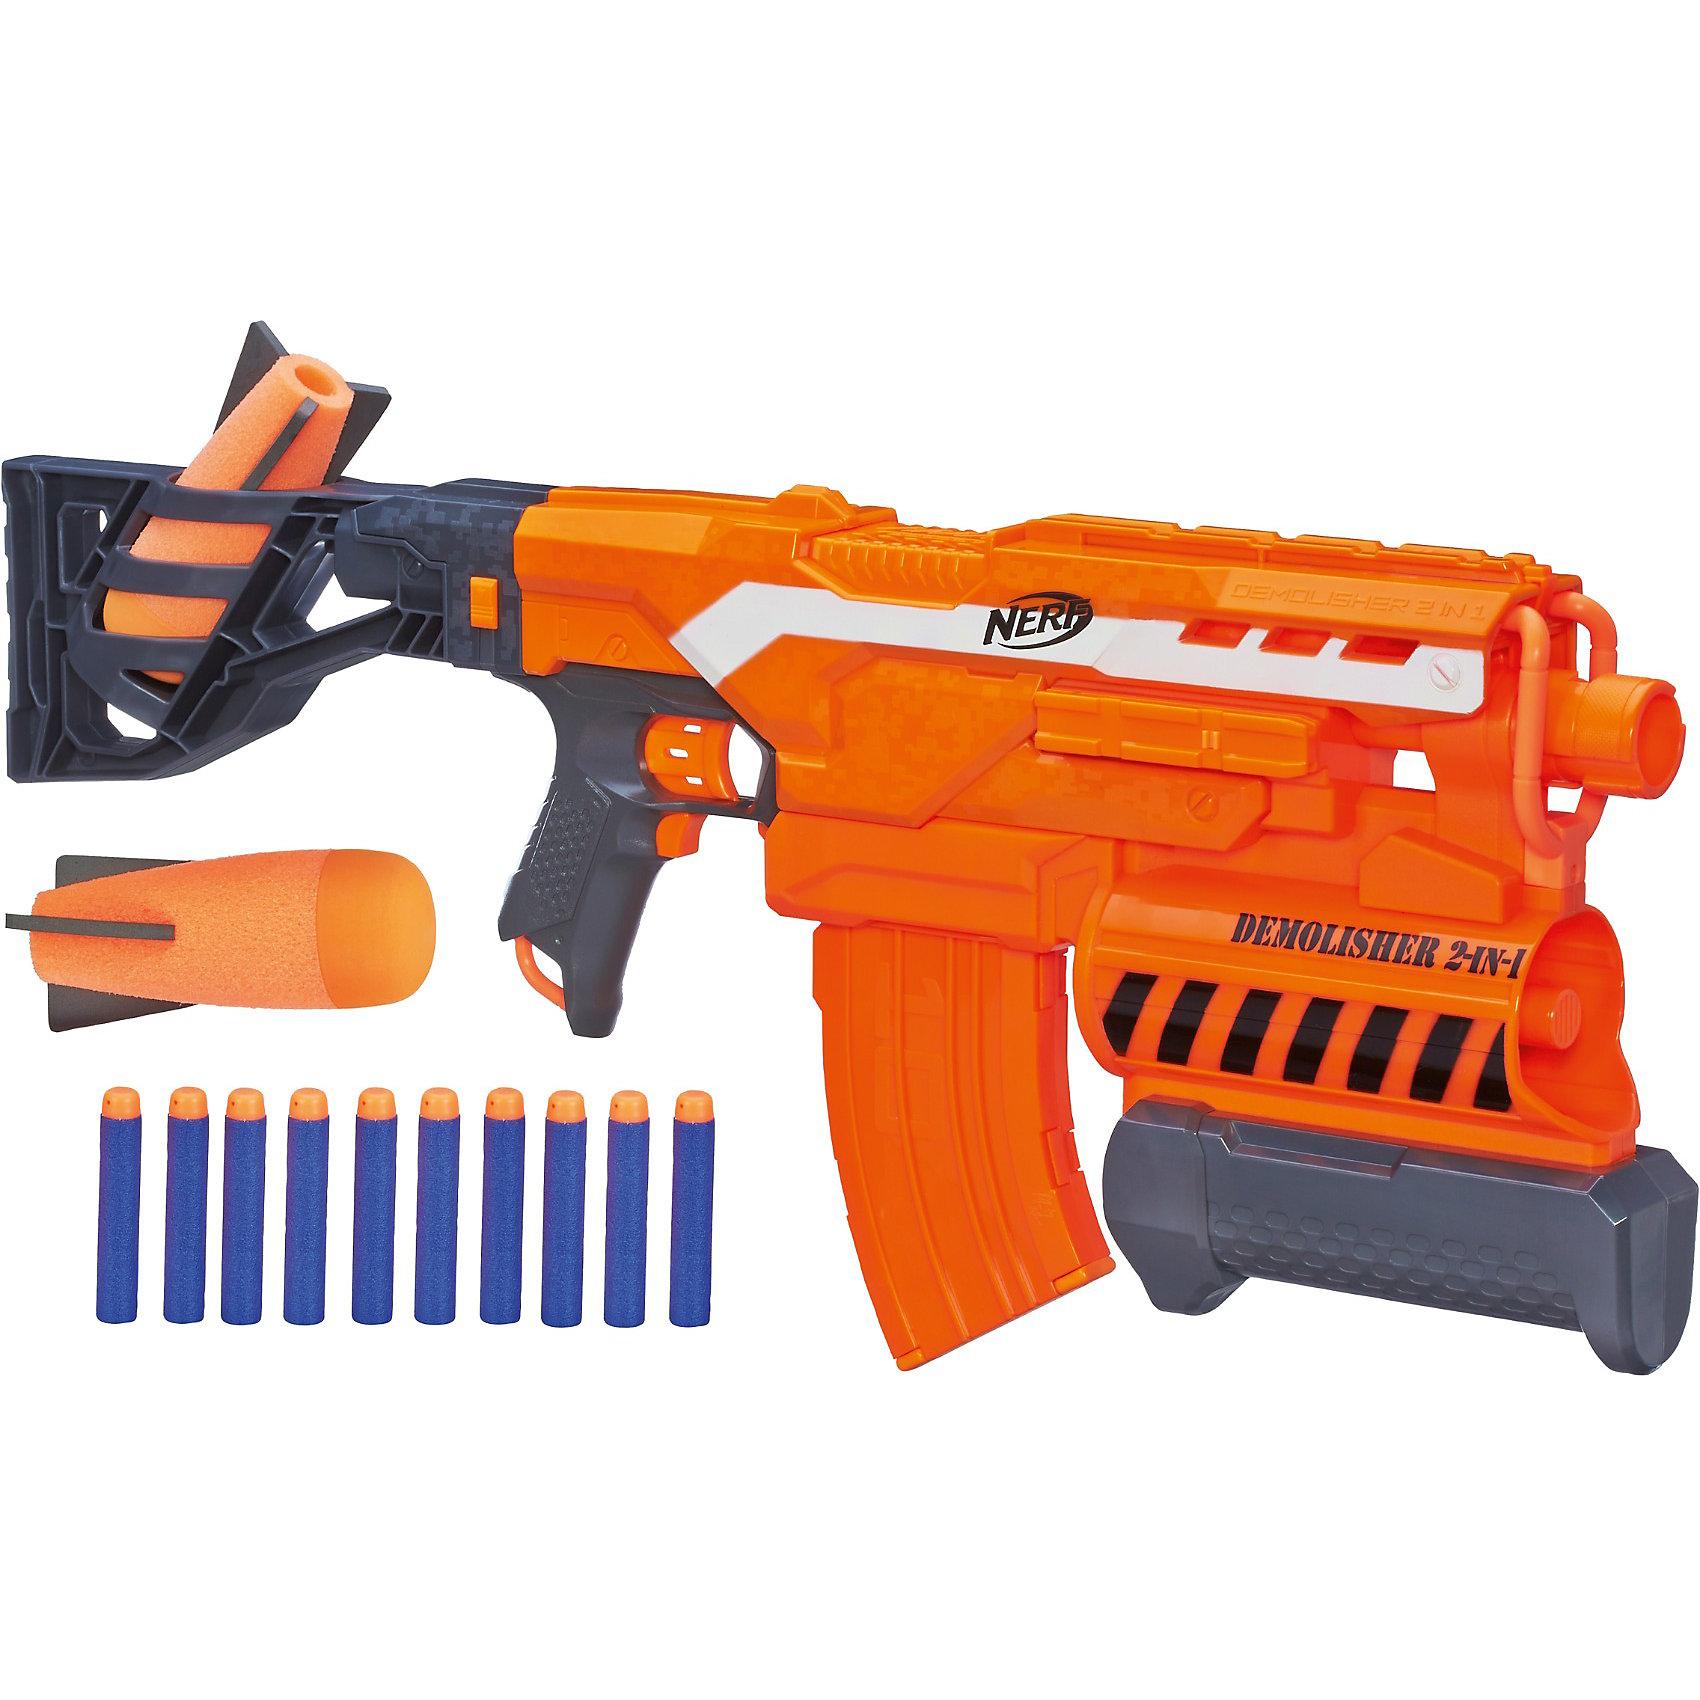 Бластер Элит Разрушитель, NERFИгрушечное оружие<br>Бластер Элит Разрушитель, NERF -  мечта абсолютно любого мальчишки. Имеет два режима стрельбы - стандартными снарядами и гранатами. У модели есть приклад и прицел. В прикладе имеется емкость для хранения дополнительных снарядов. Мощность бластера позволяет поражать цель, расположенную на расстоянии до 27 метров (обычными снарядами) и на расстоянии 16 метров- гранатами. В его обойме 2 гранаты и 10 зарядов, представляющих собой небольшие пластиковые стрелы с мягким наконечником. Игрушка изготовлена из пластика высокого качества, безопасного для детей.<br><br>Дополнительная информация:<br><br>- Комплектация: бластер, 10 снарядов,2 гранаты.<br>- Материал: пластик.<br>- Элемент питания: 4 АА батарейки.<br>- Соблюдайте осторожность не стреляйте в лицо и глаза!<br><br>Бластер Элит Разрушитель (Нерф) можно купить в нашем магазине.<br><br>Ширина мм: 649<br>Глубина мм: 309<br>Высота мм: 86<br>Вес г: 1672<br>Возраст от месяцев: 96<br>Возраст до месяцев: 144<br>Пол: Мужской<br>Возраст: Детский<br>SKU: 3550832